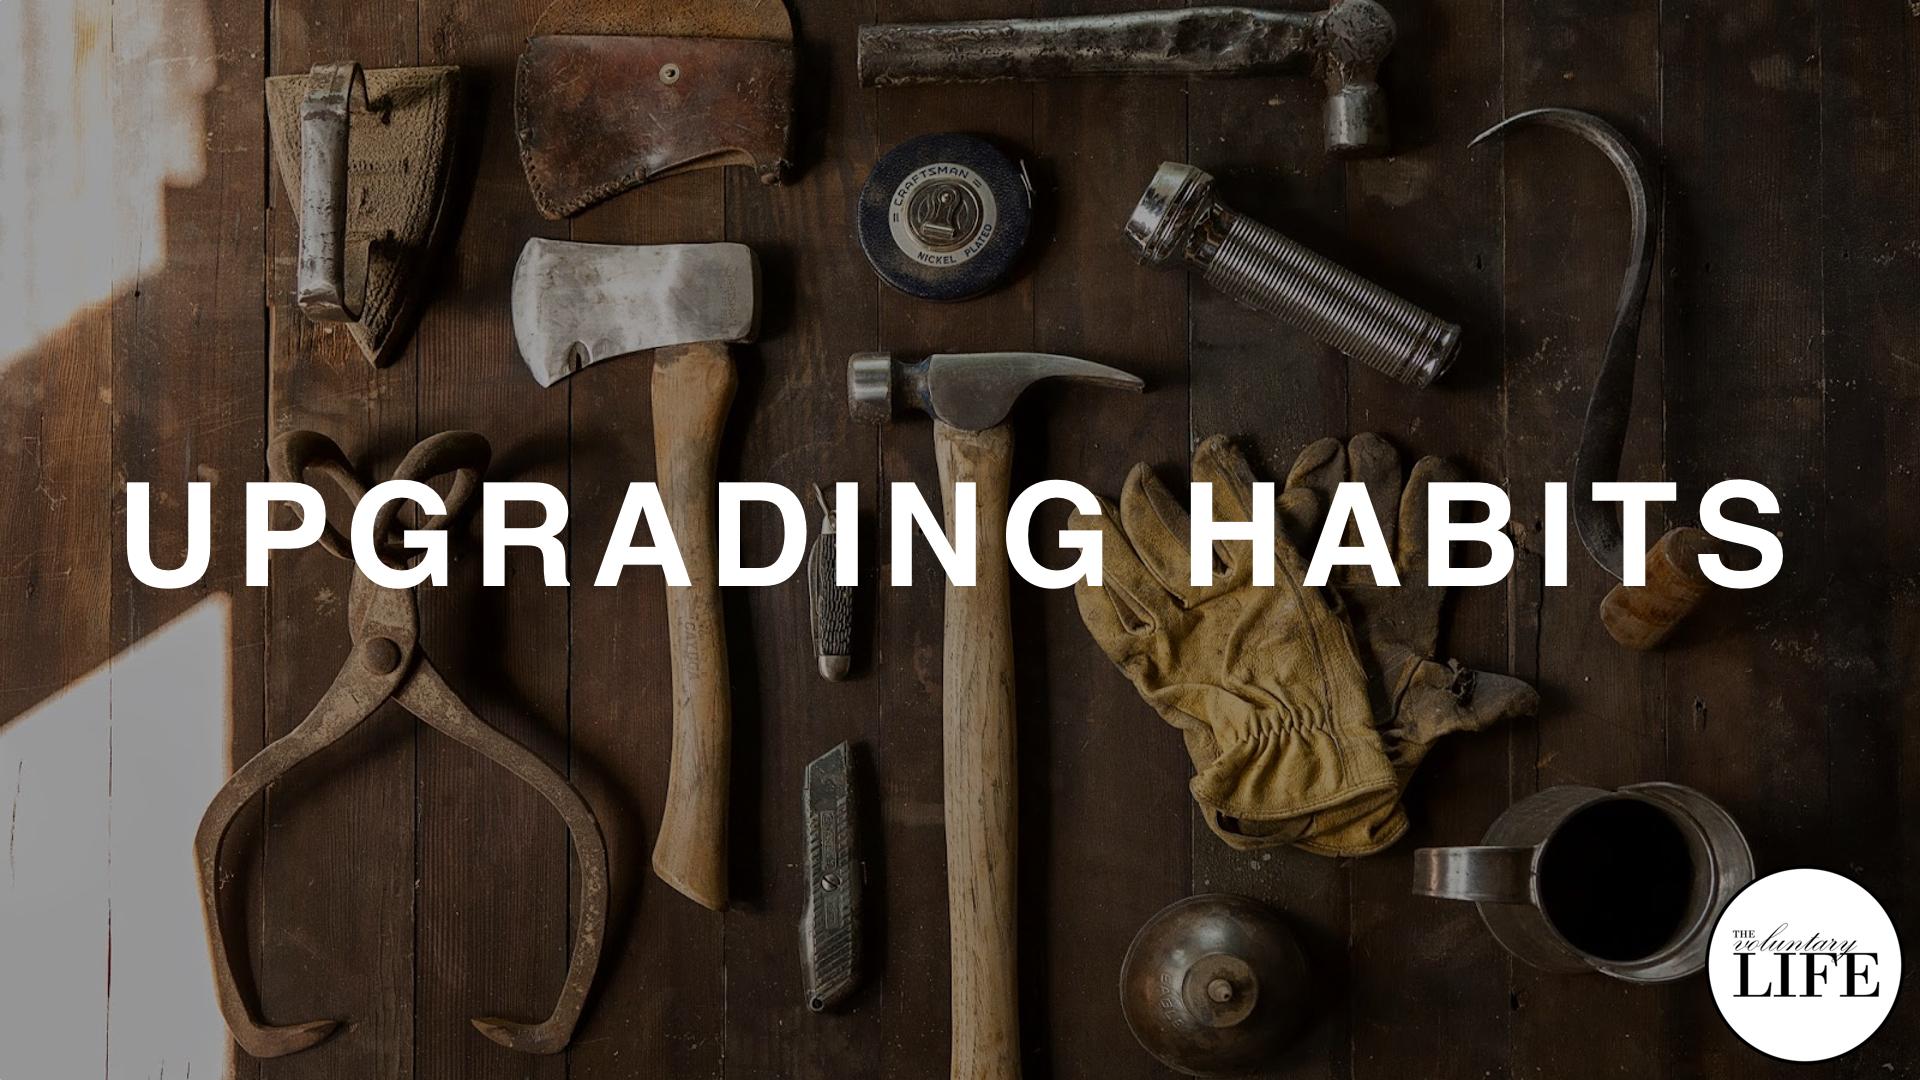 178 Upgrading Habits